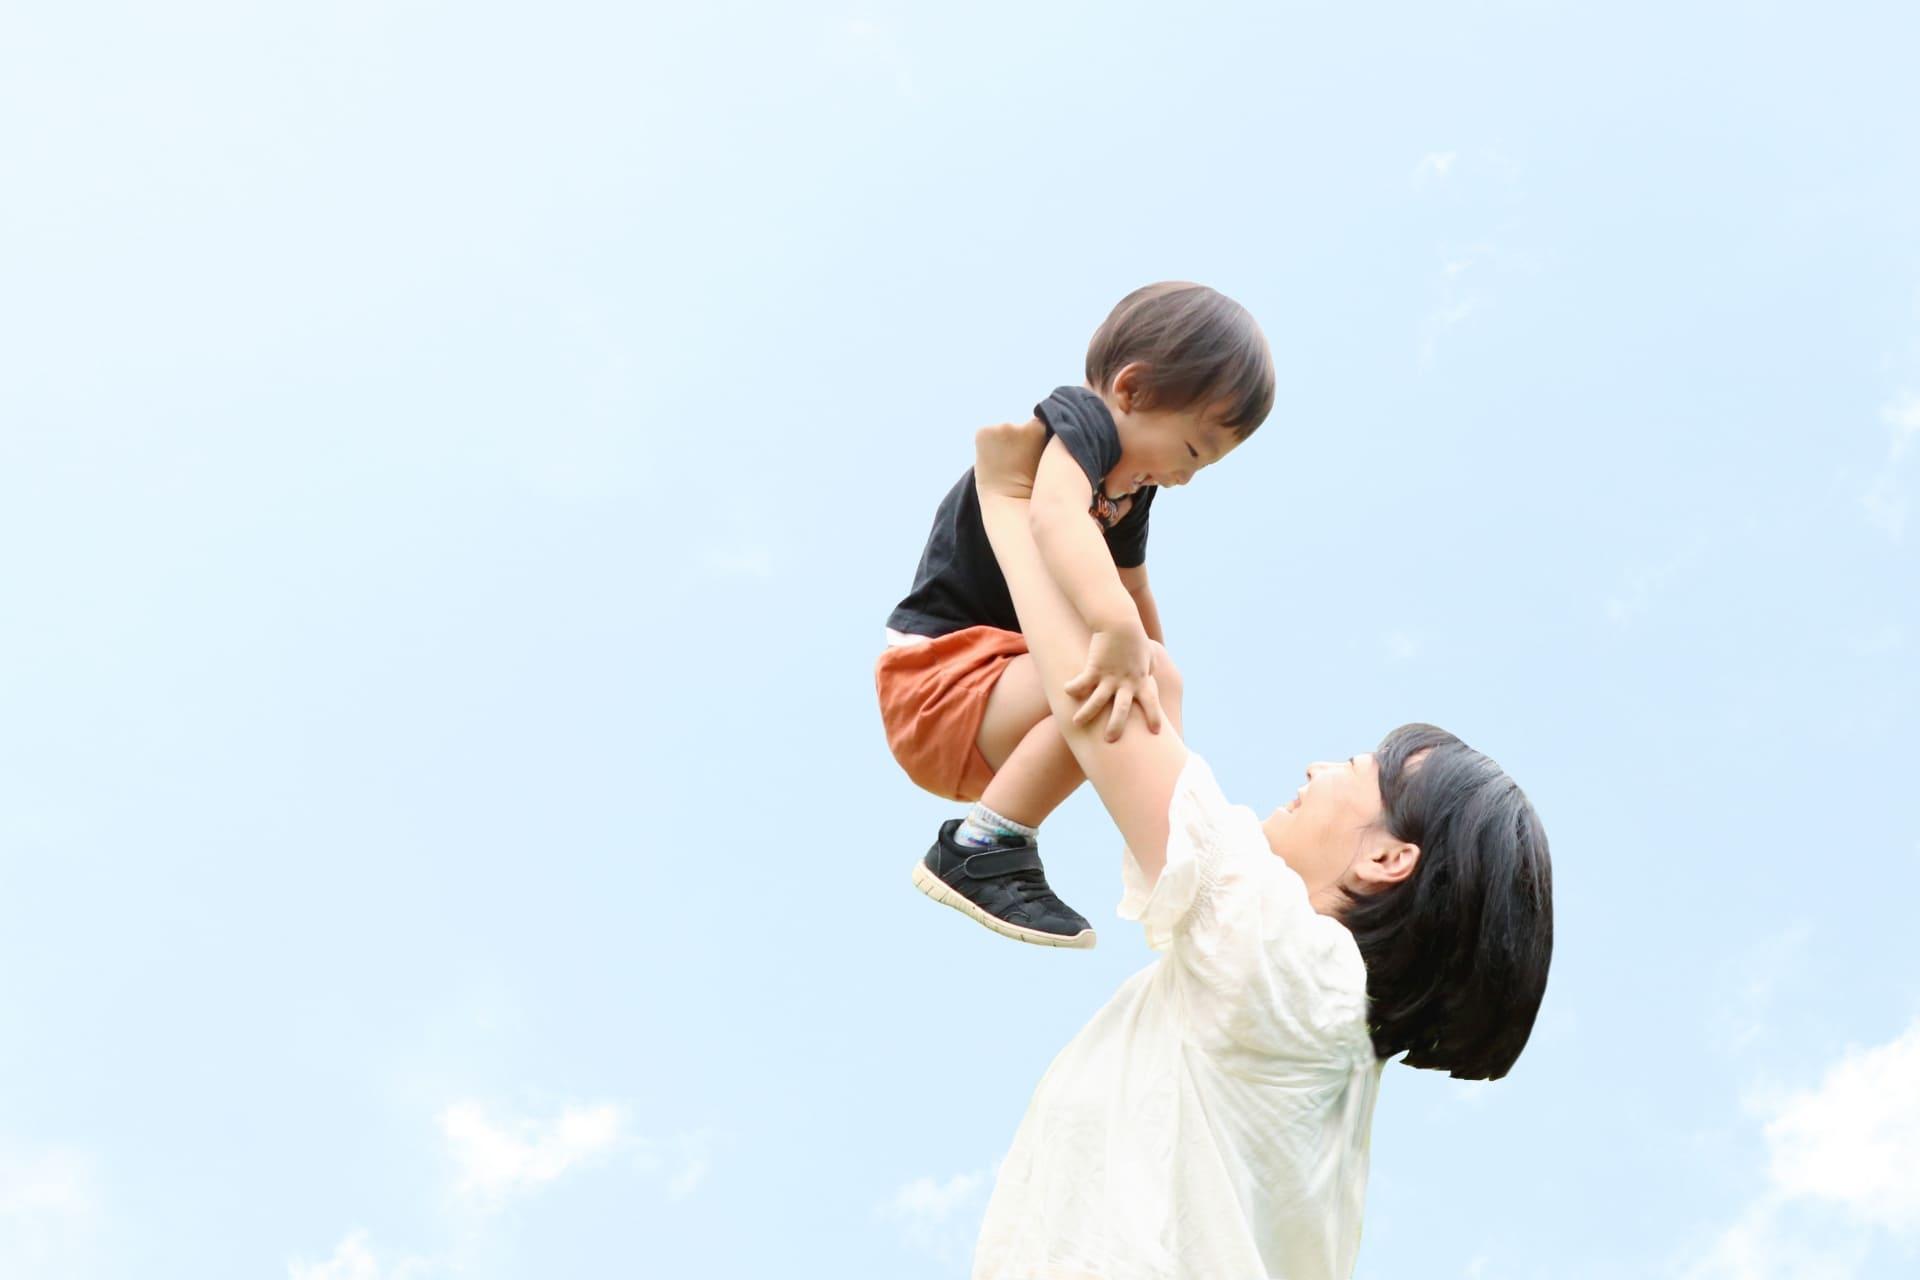 空の下で子供抱き上げるお母さん